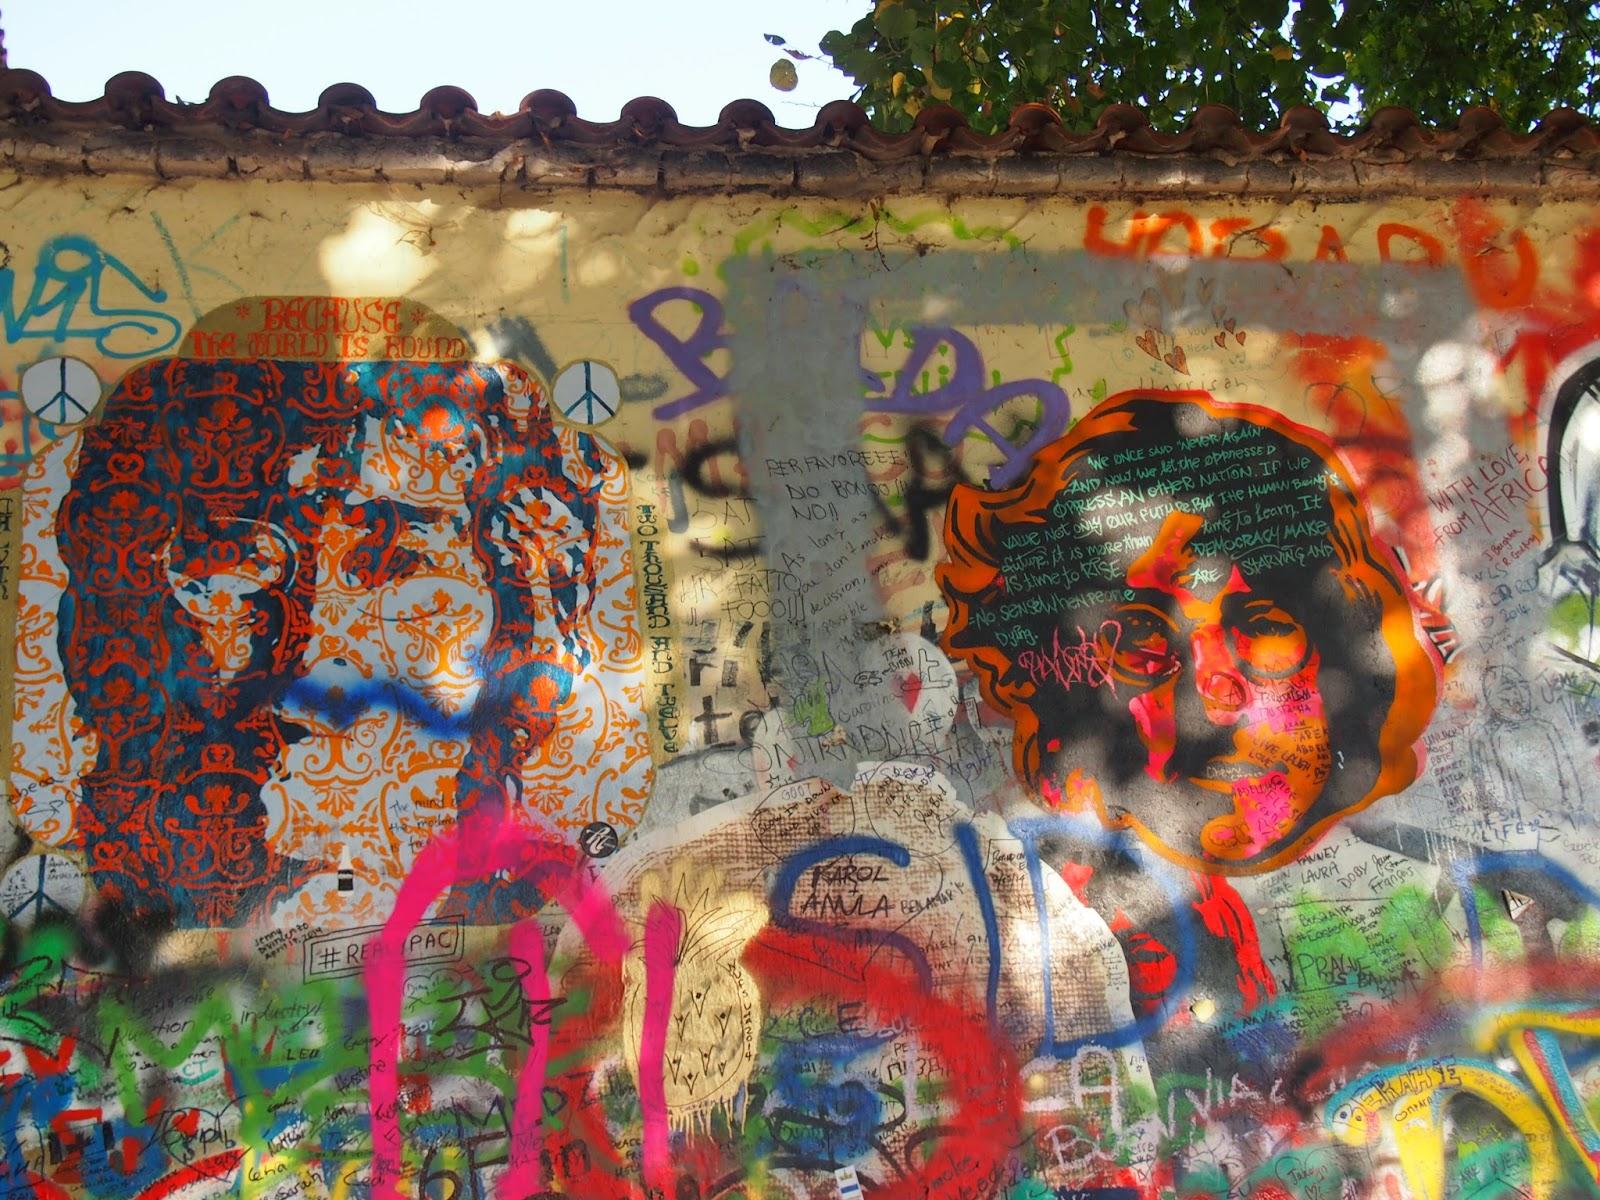 Images of John Lennon in the Lennon Wall